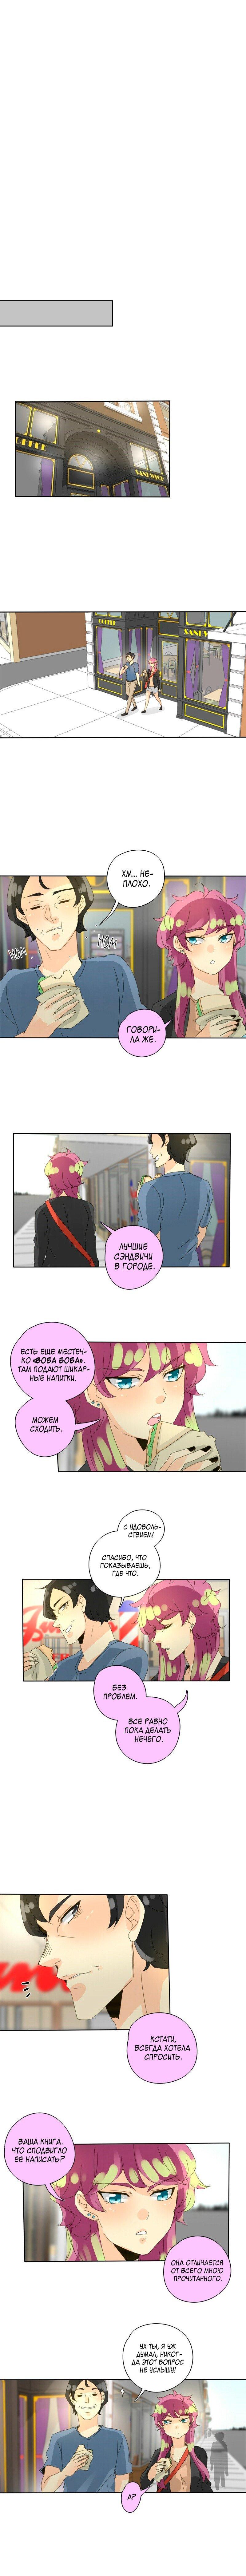 Манга неОРДИНАРНЫЕ / unORDINARY  - Том 1 Глава 67 Страница 7